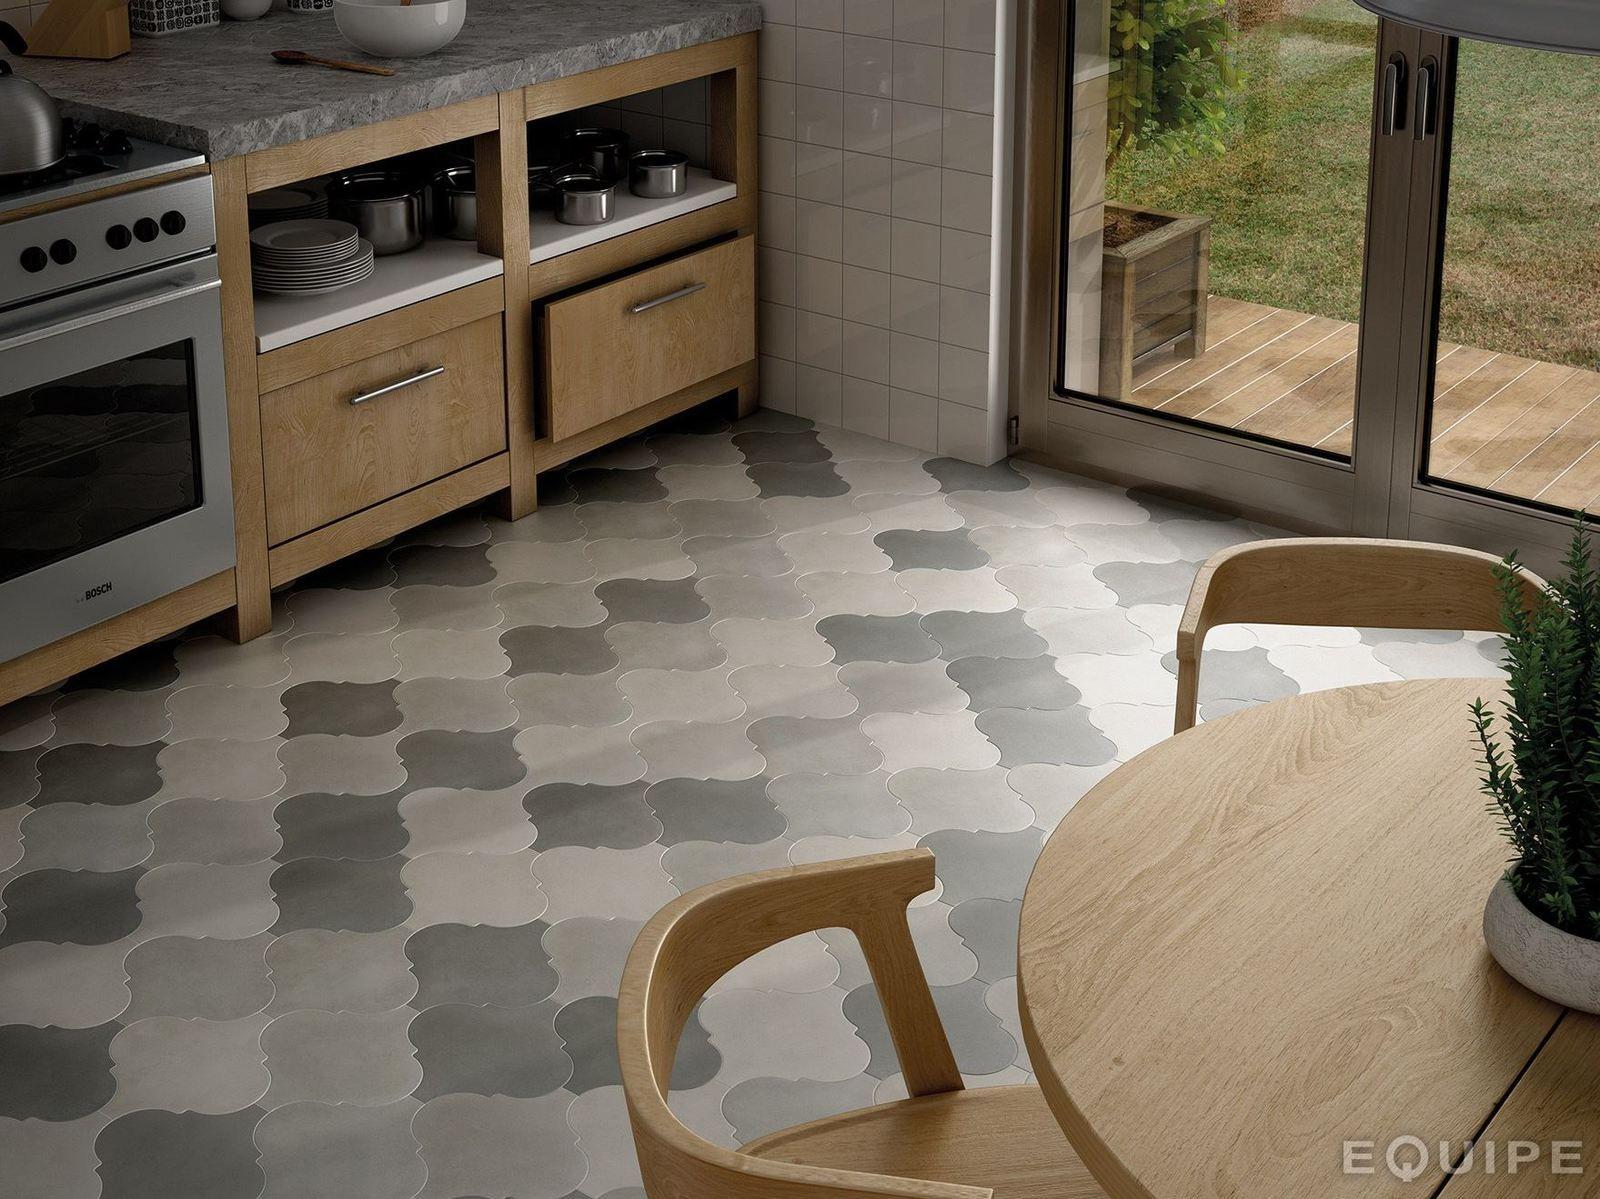 21 Arabesque Tile Ideas For Floor Wall And Backsplash Arabesque Tile Floor Beautiful Kitchen Tiles Arabesque Tile